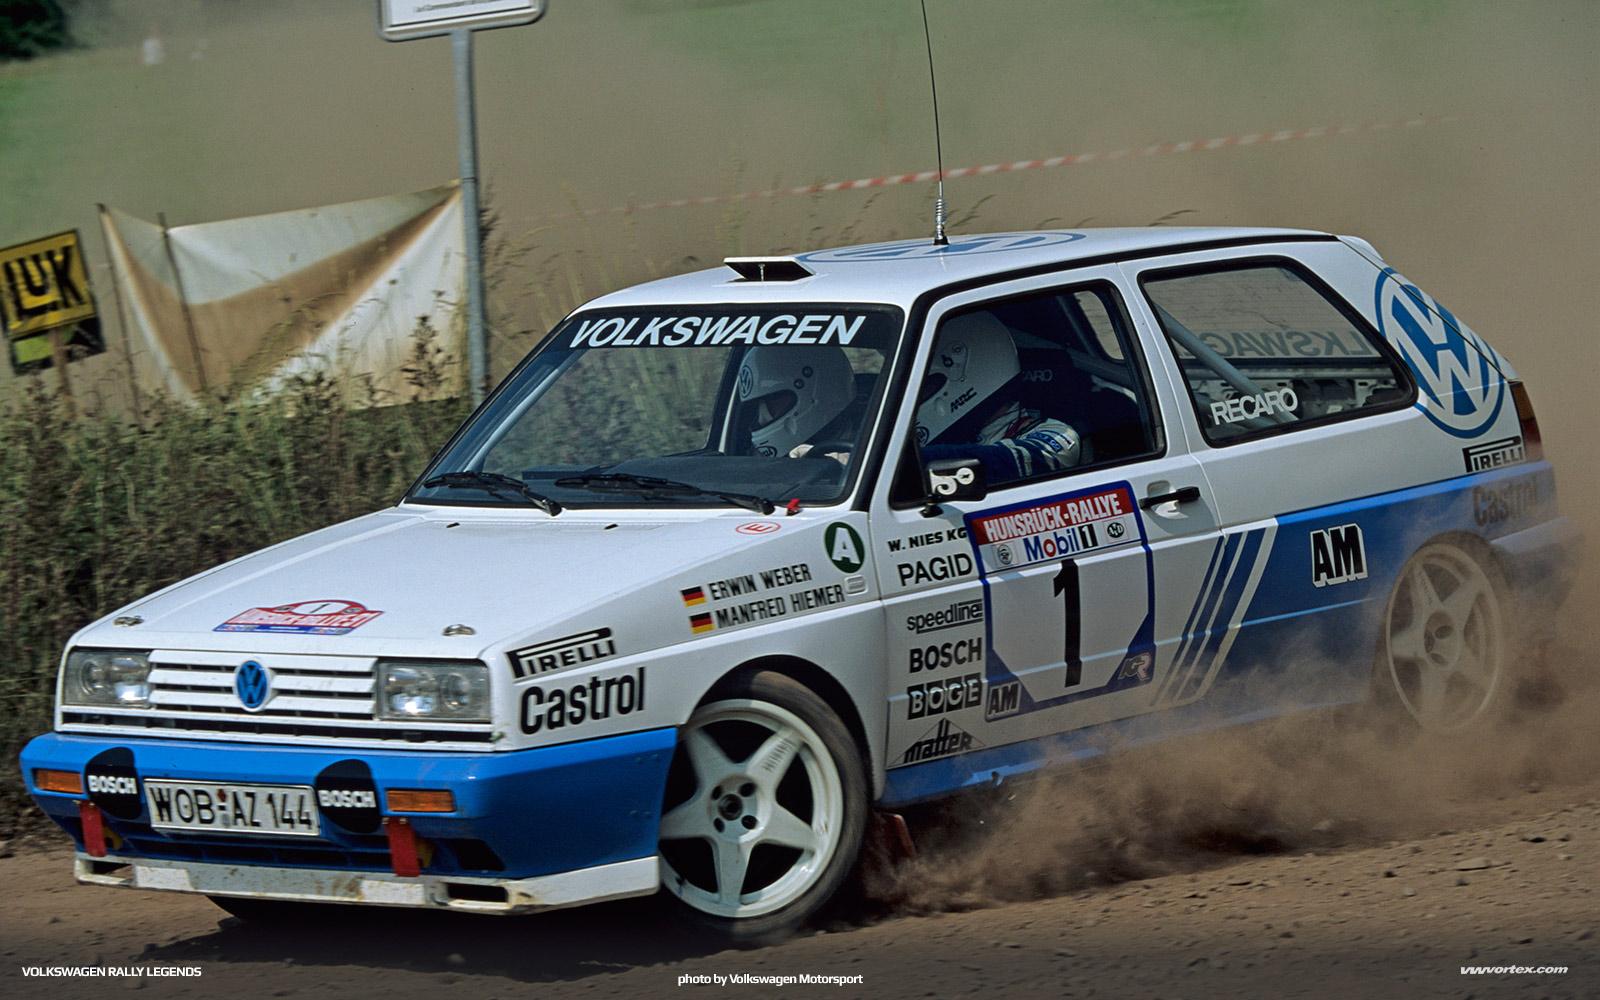 volkswagen-rally-legends-369